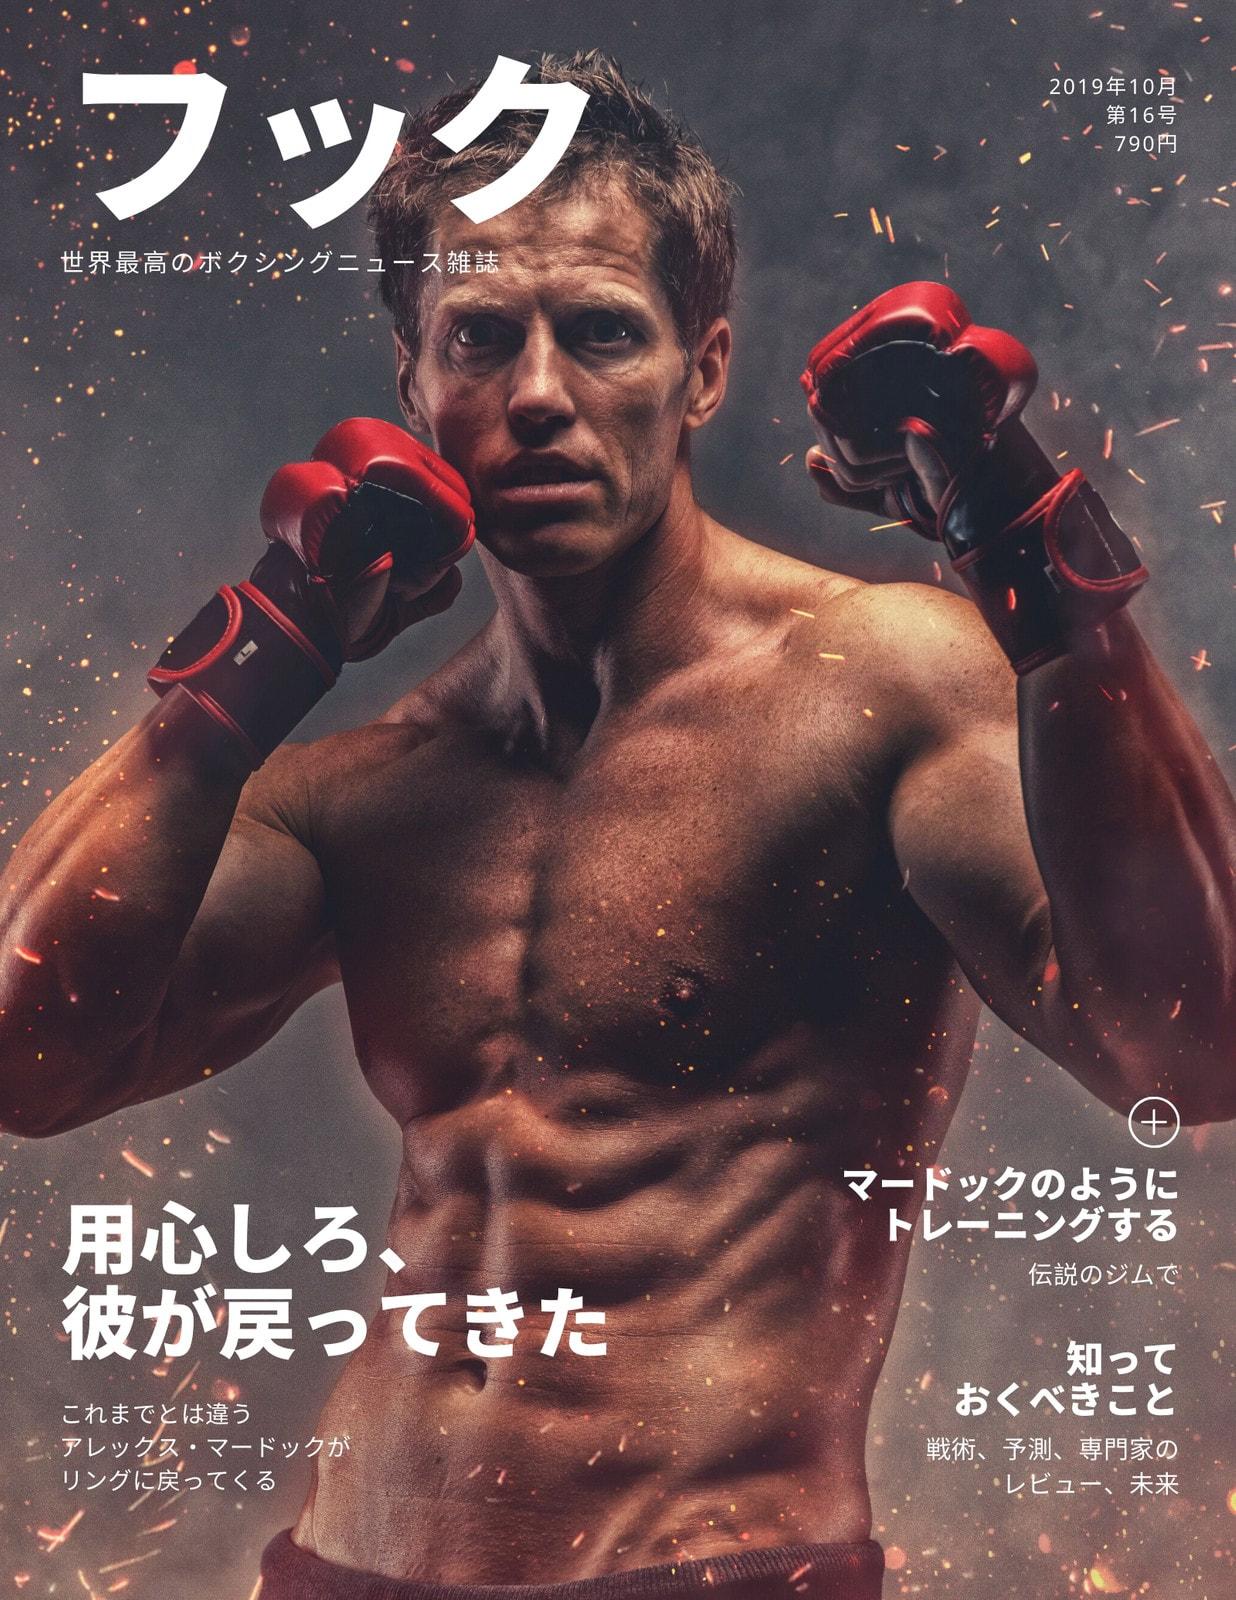 フレーム入りボクサー ボクシング スポーツ雑誌カバー